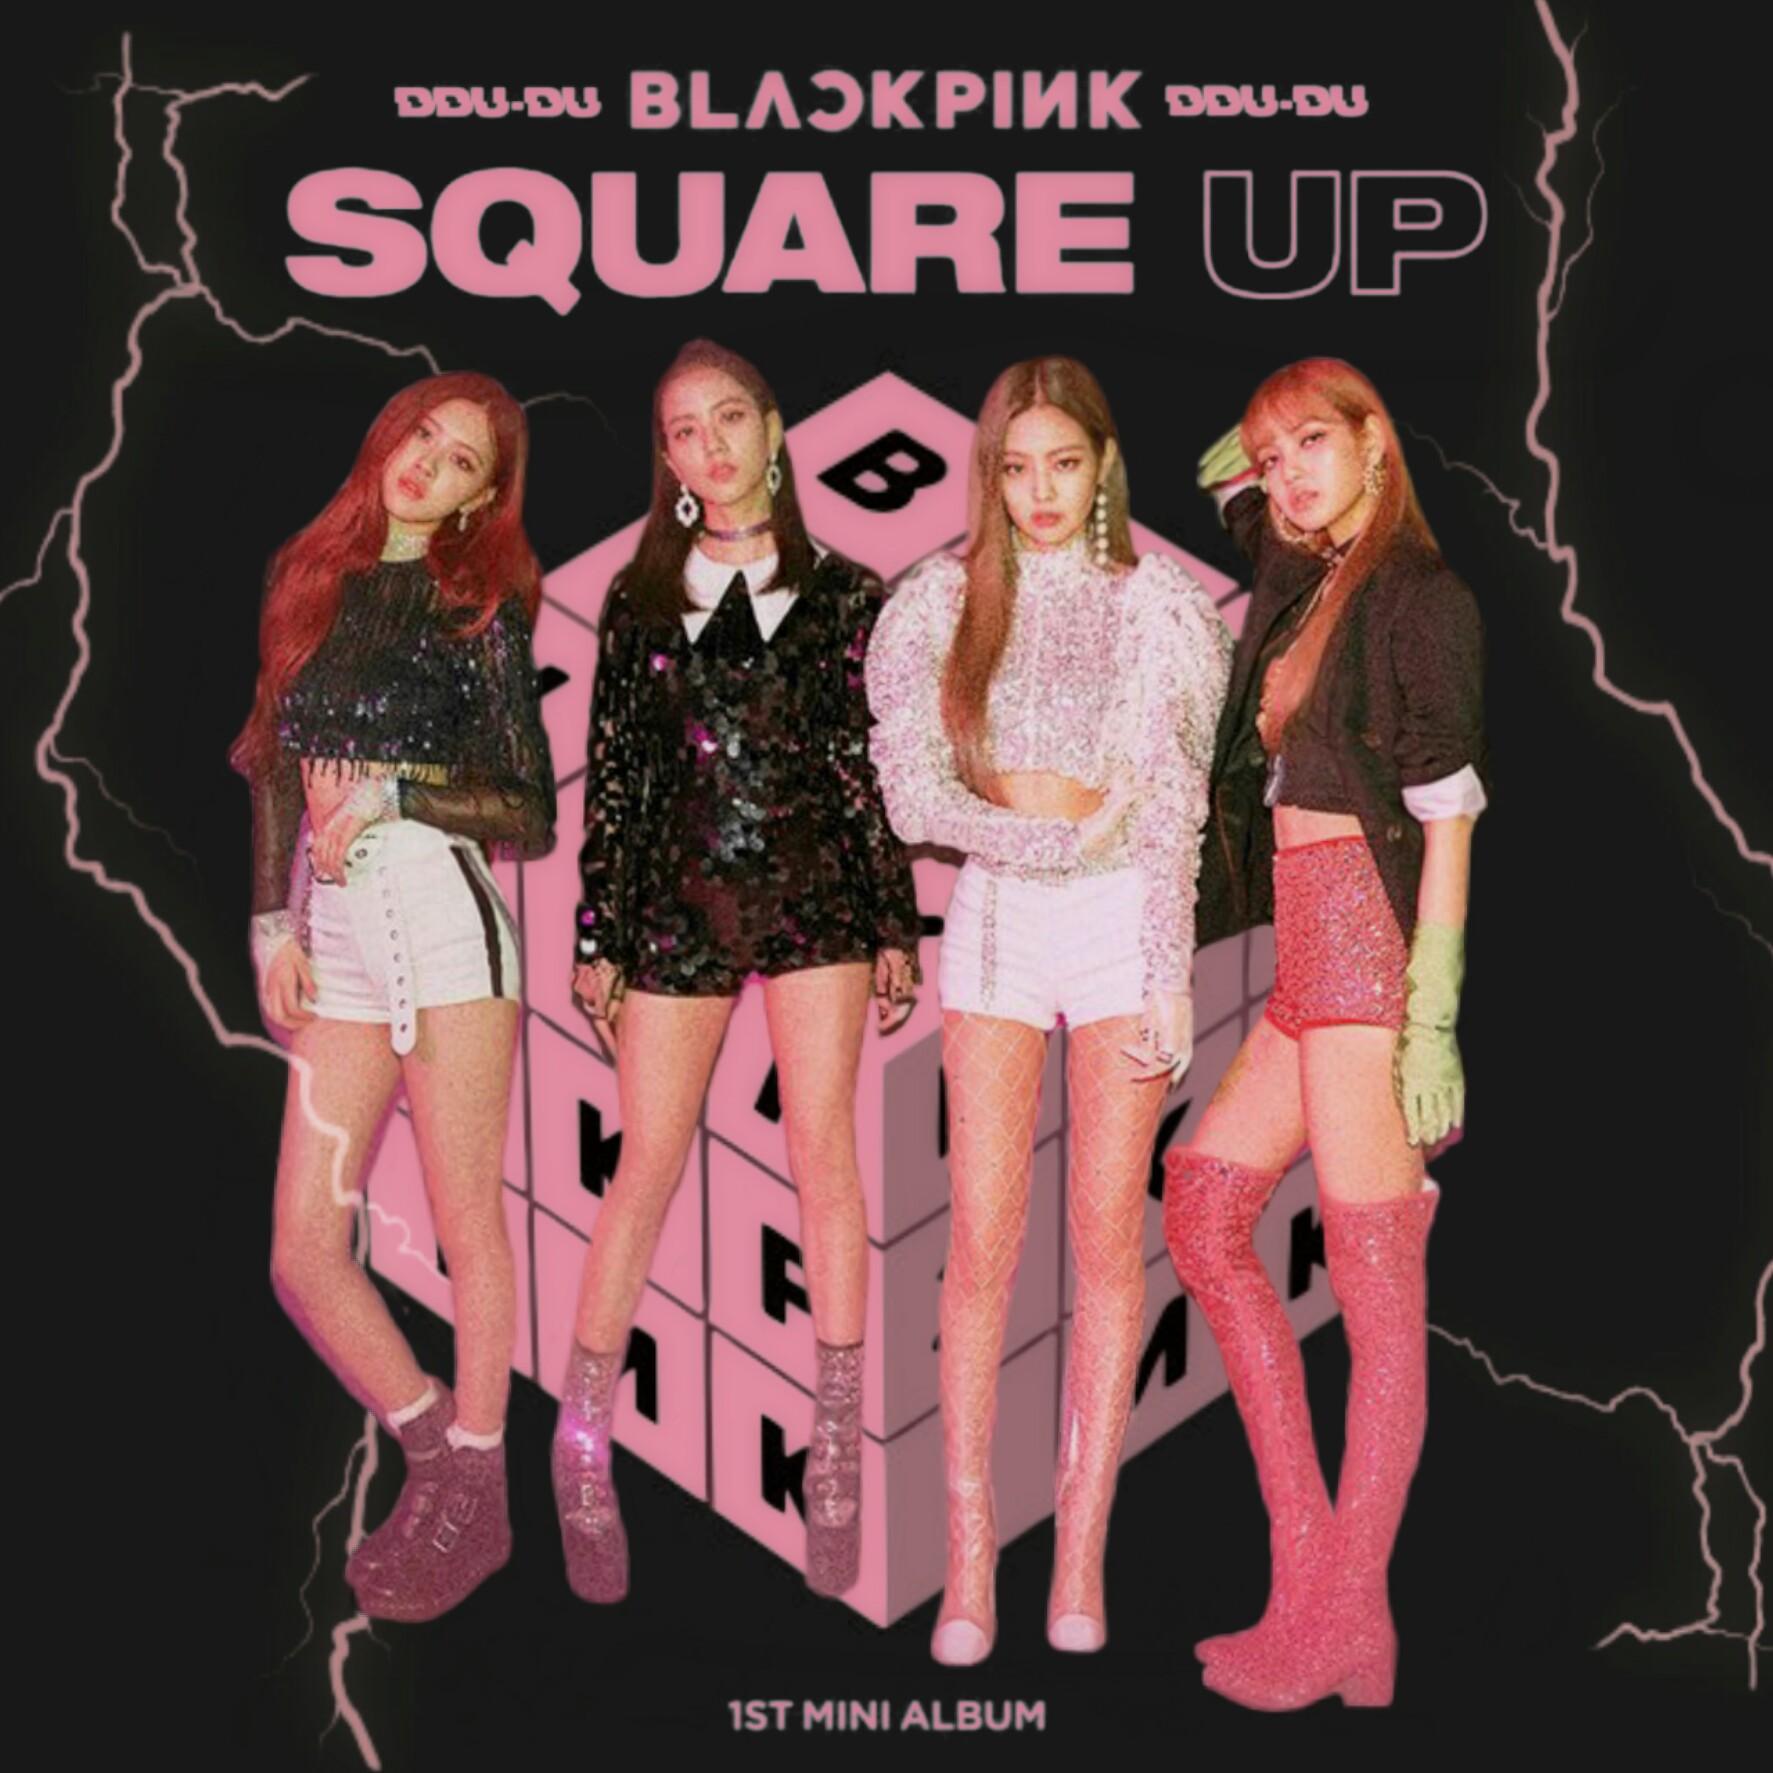 Blackpink Ddu Du Ddu Du Square Up Album Cover 3 By